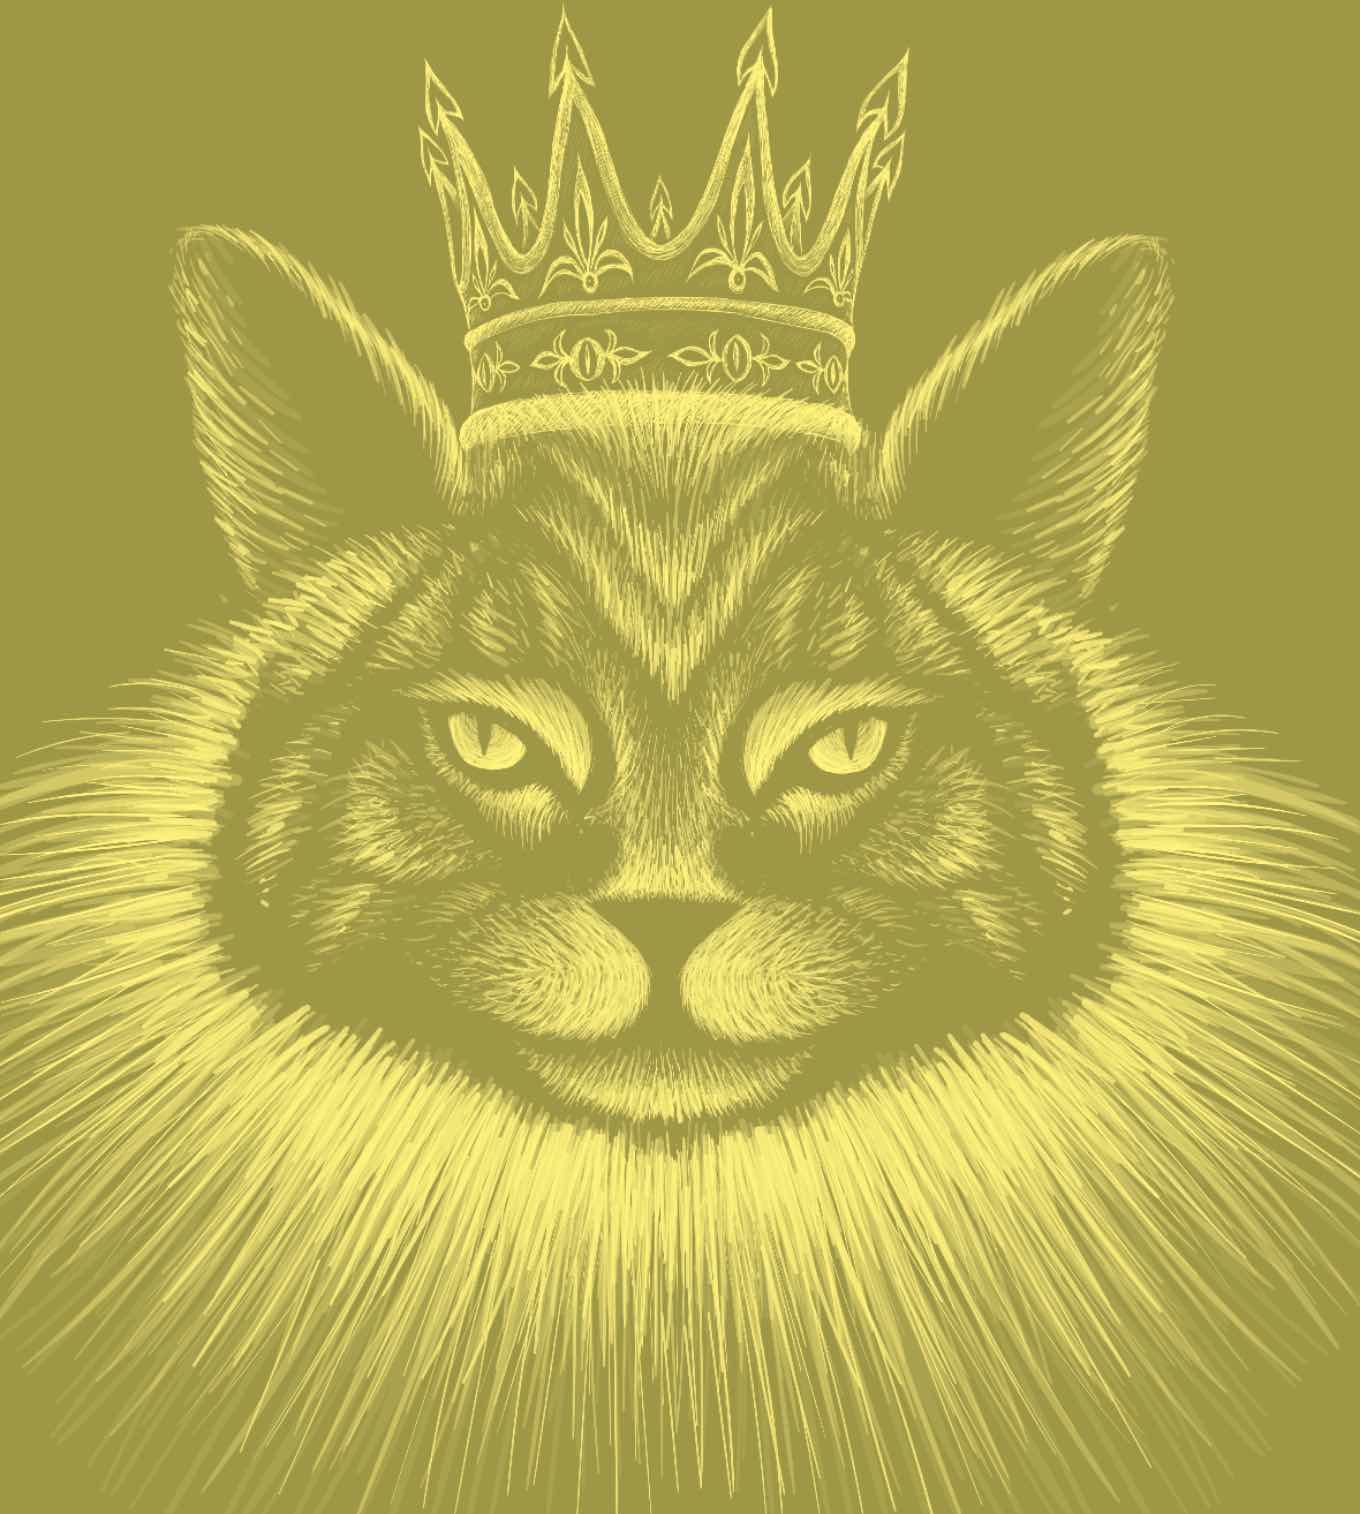 In Gelb-Schwarz gehaltene Illustration einer Katze mit Bart und Krone